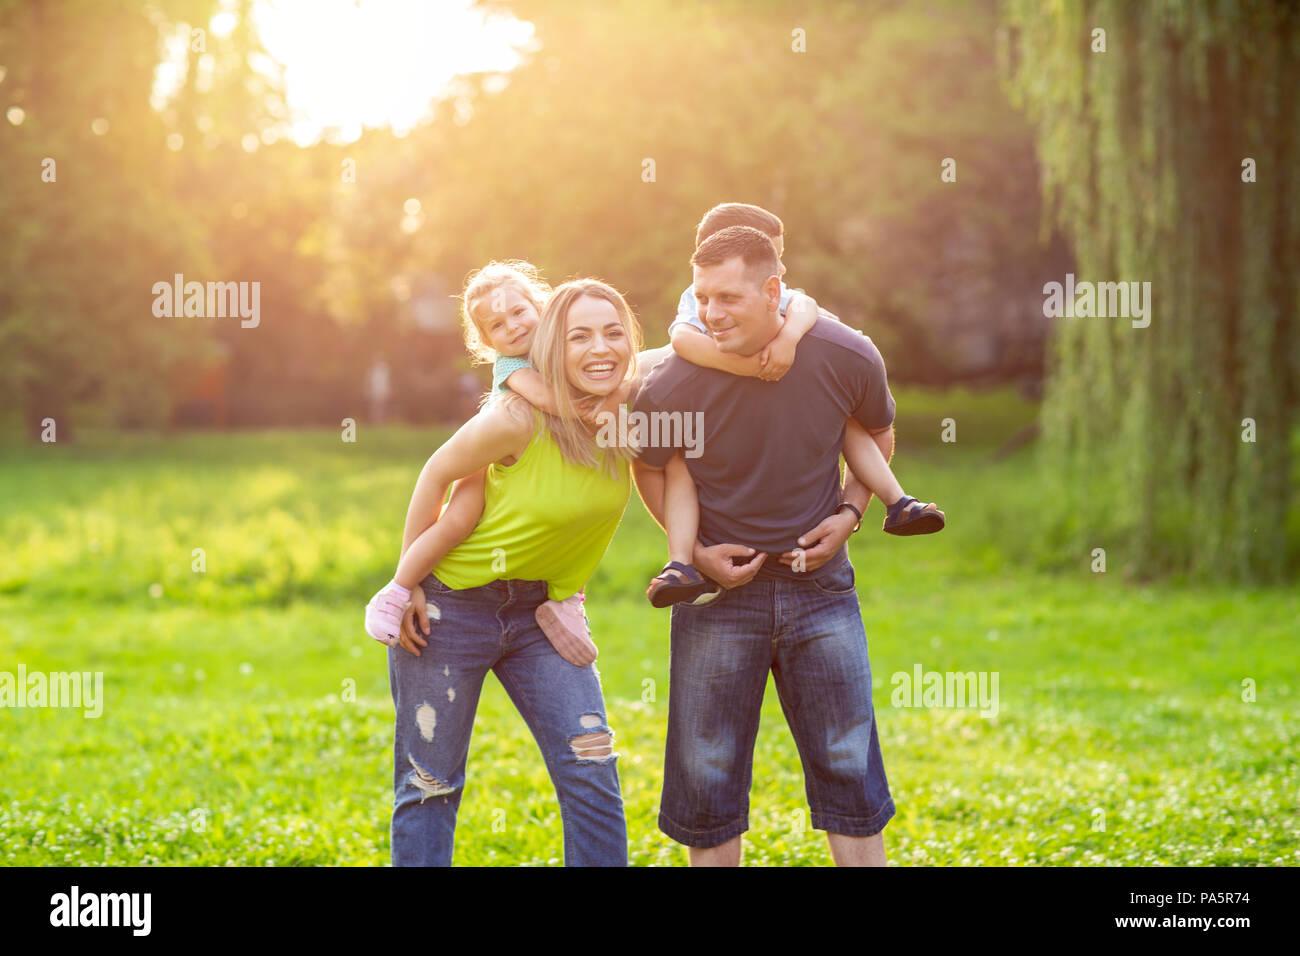 -Les parents de ferroutage de la famille jouant avec leurs enfants dans le parc Photo Stock